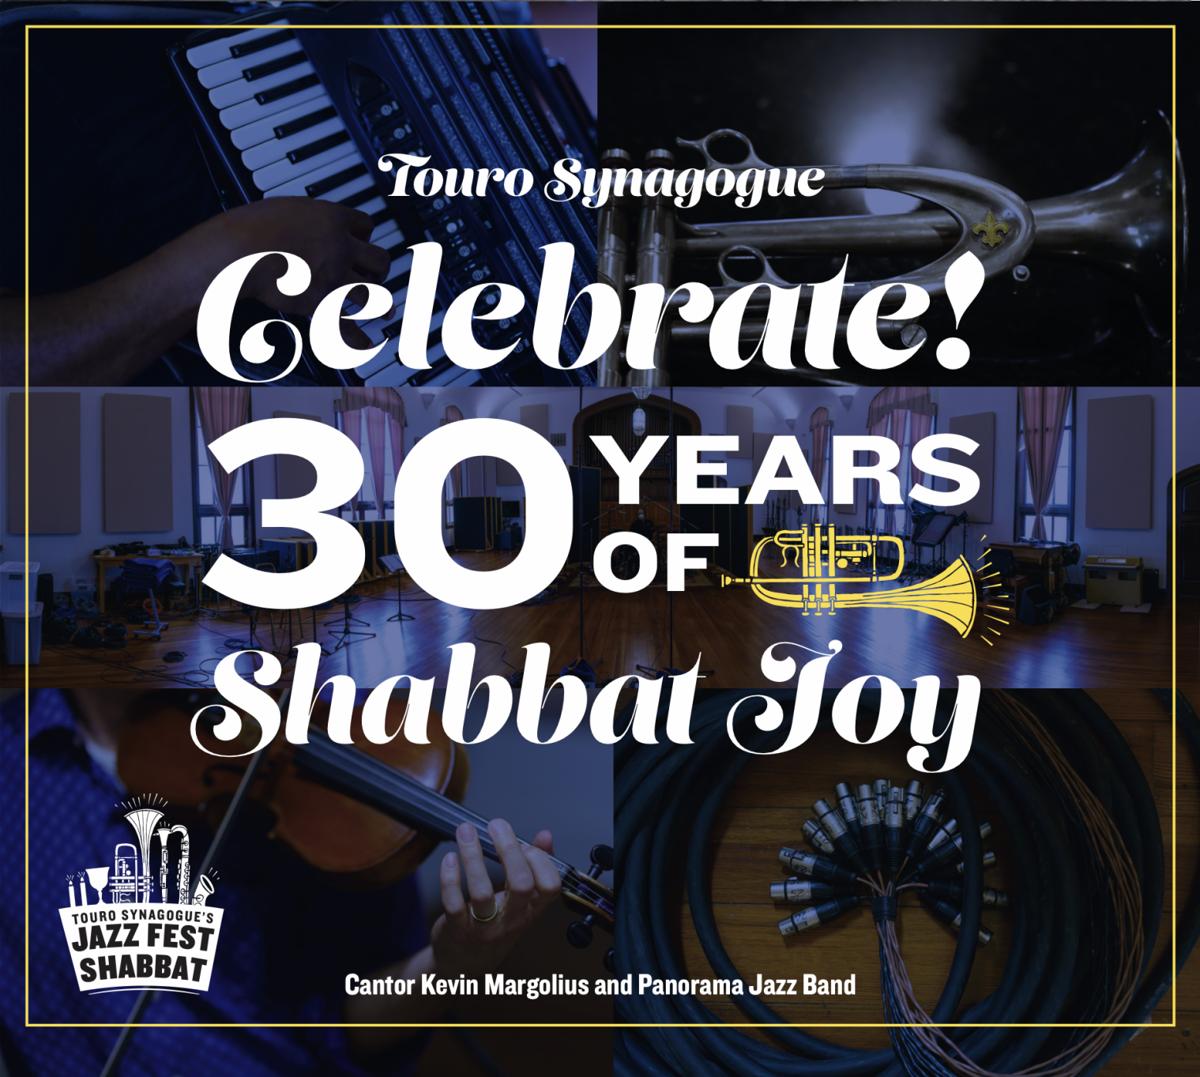 Jazz Fest Shabbat